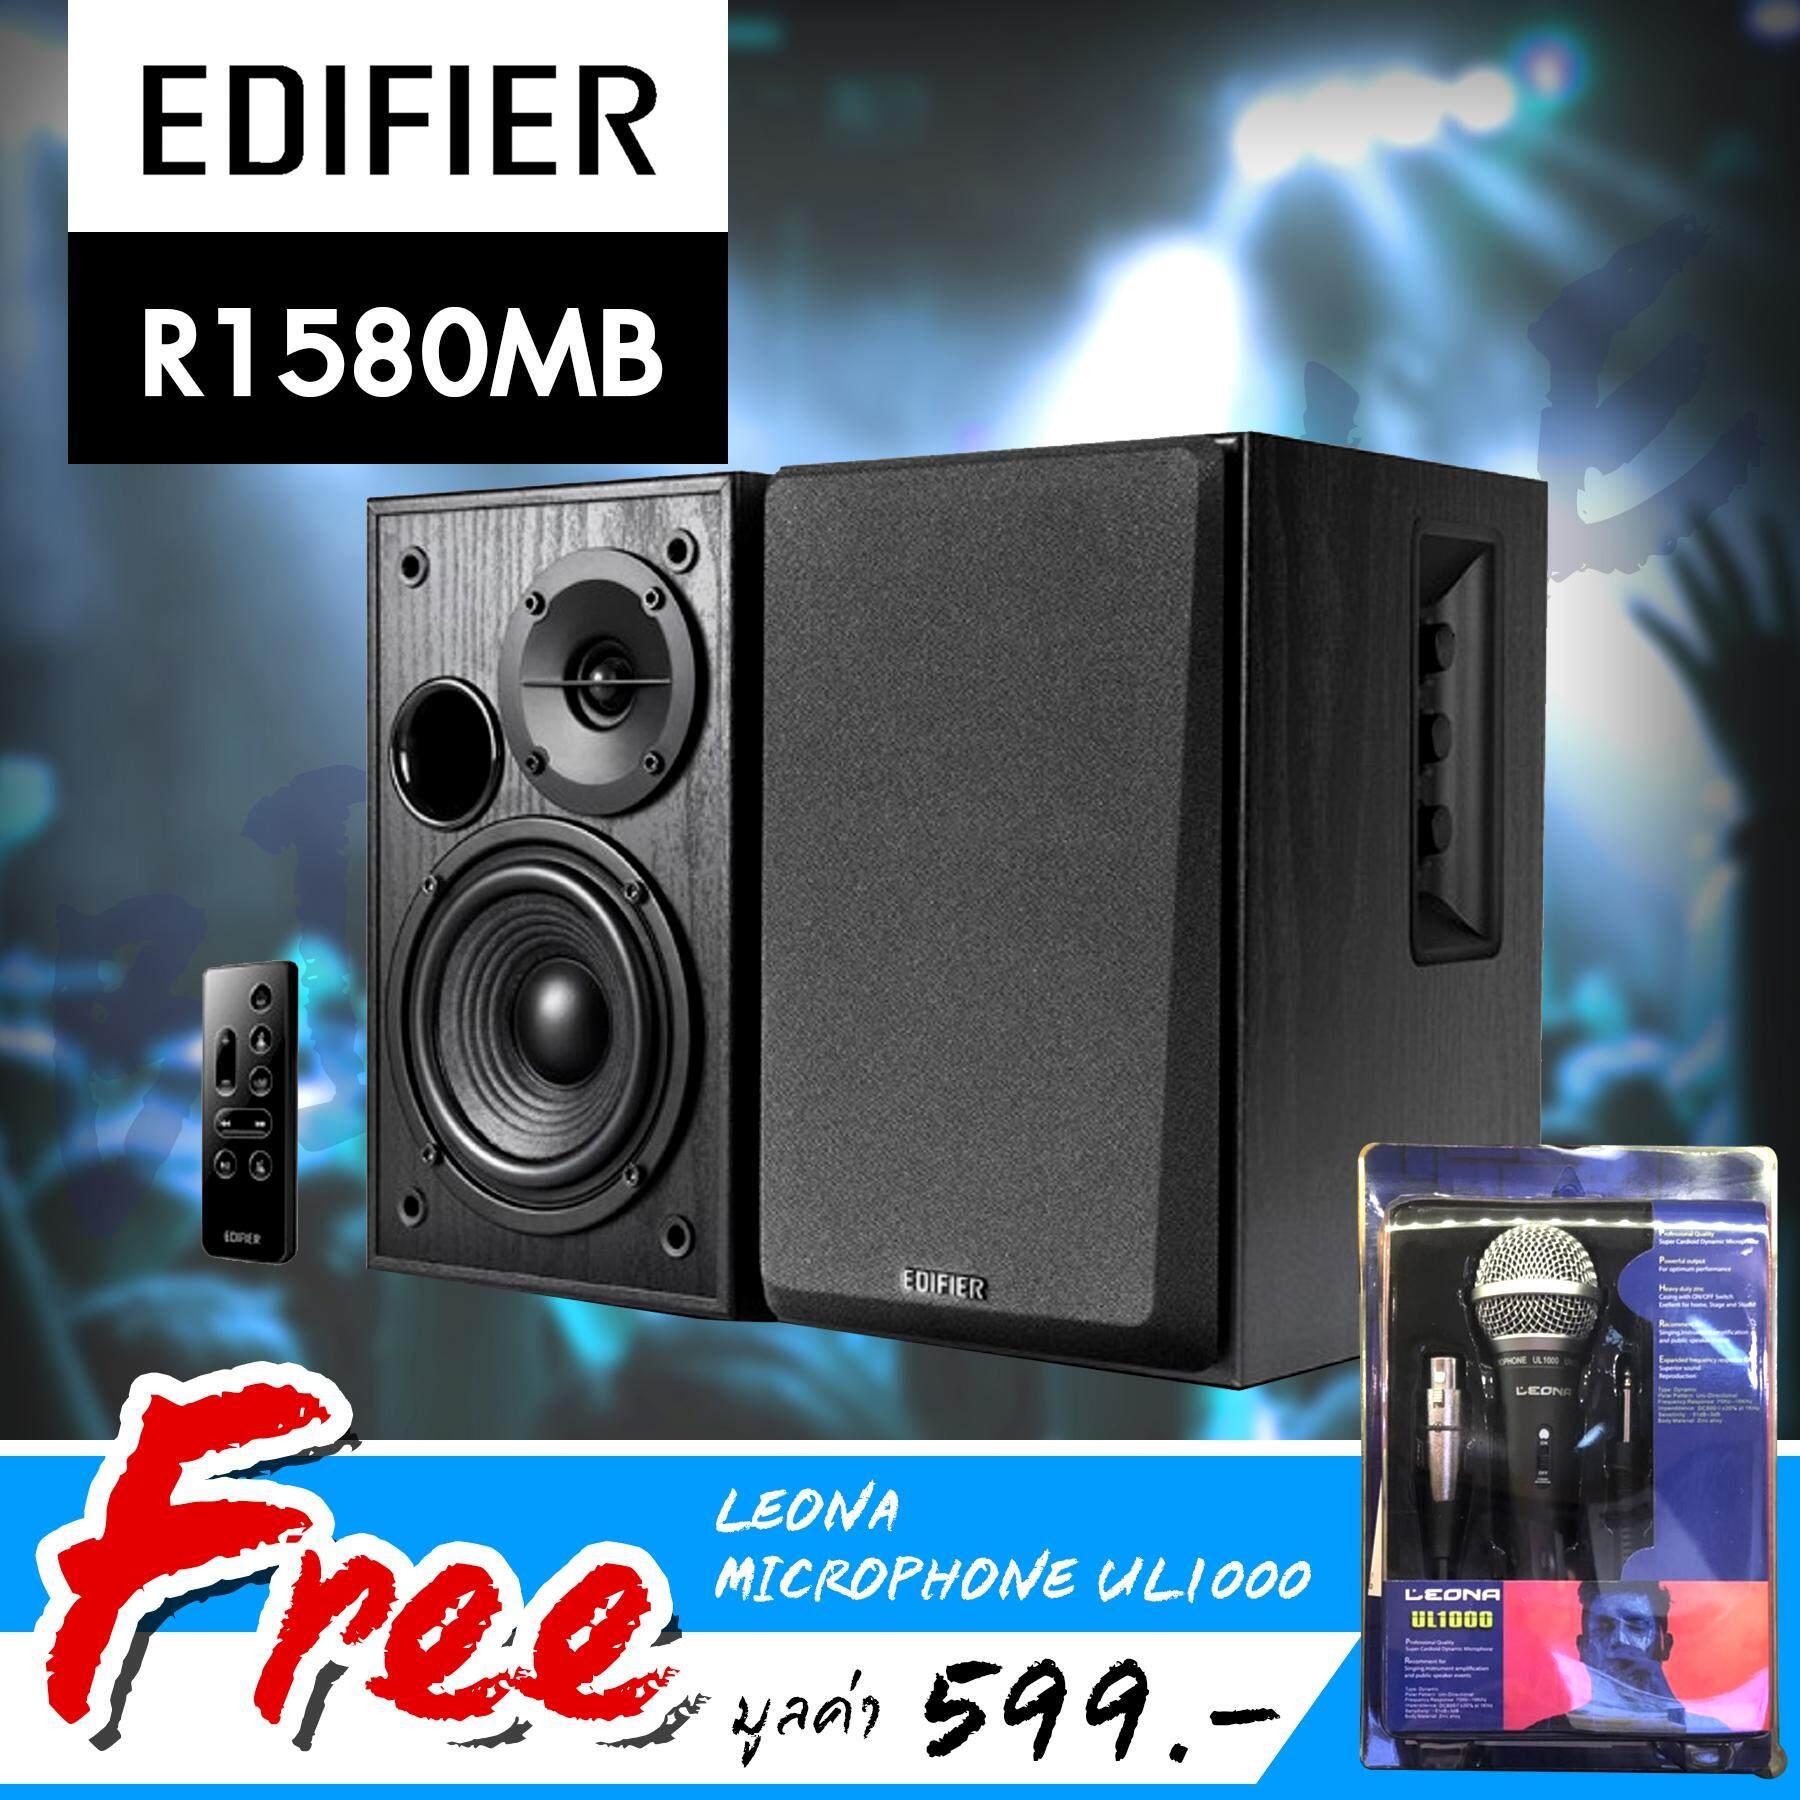 สอนใช้งาน  อ่างทอง Edifier R1580MB Bluetooth Speaker  Free LEONA MICROPHONE UL1000